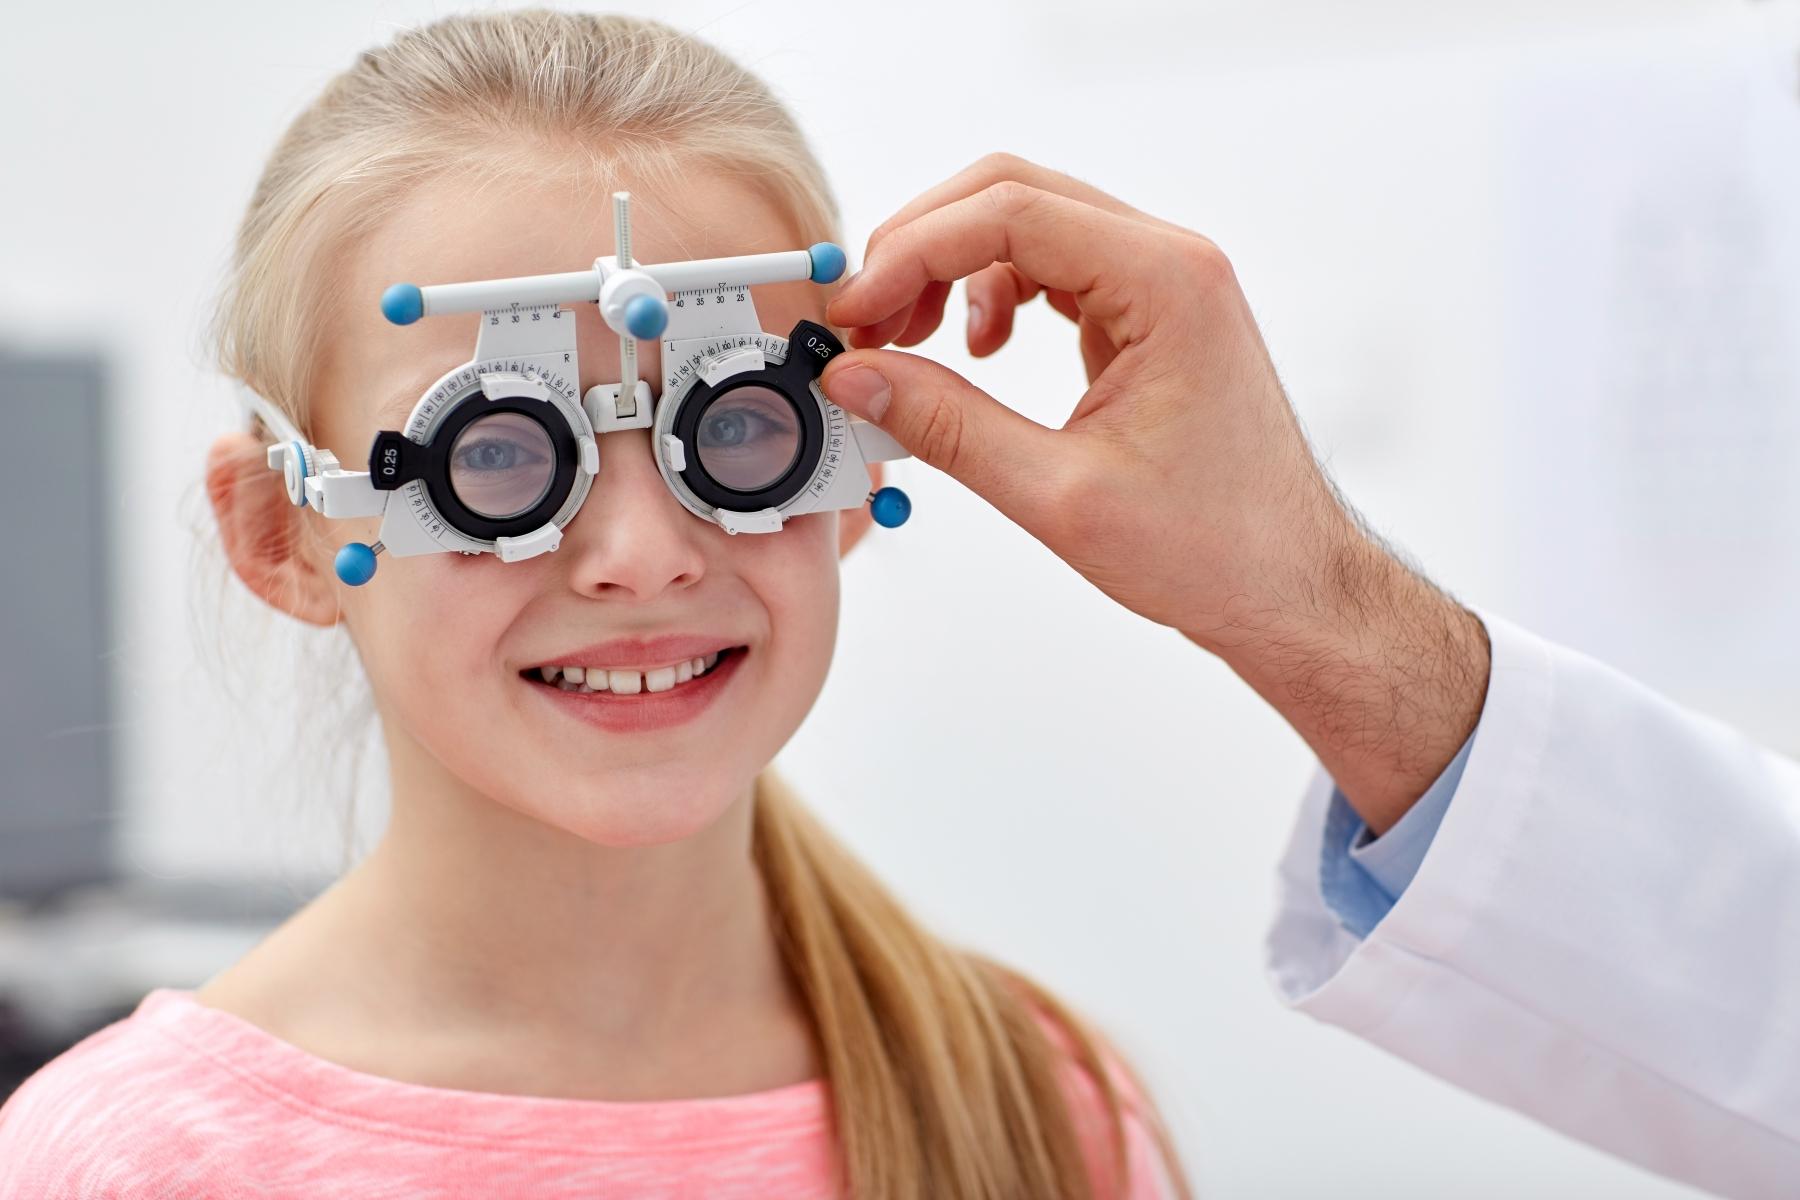 Nuotiolla istuminenkin voi pilata kalliit linssit – Kuusi vinkkiä, joilla pidennät silmälasiesi elinikää